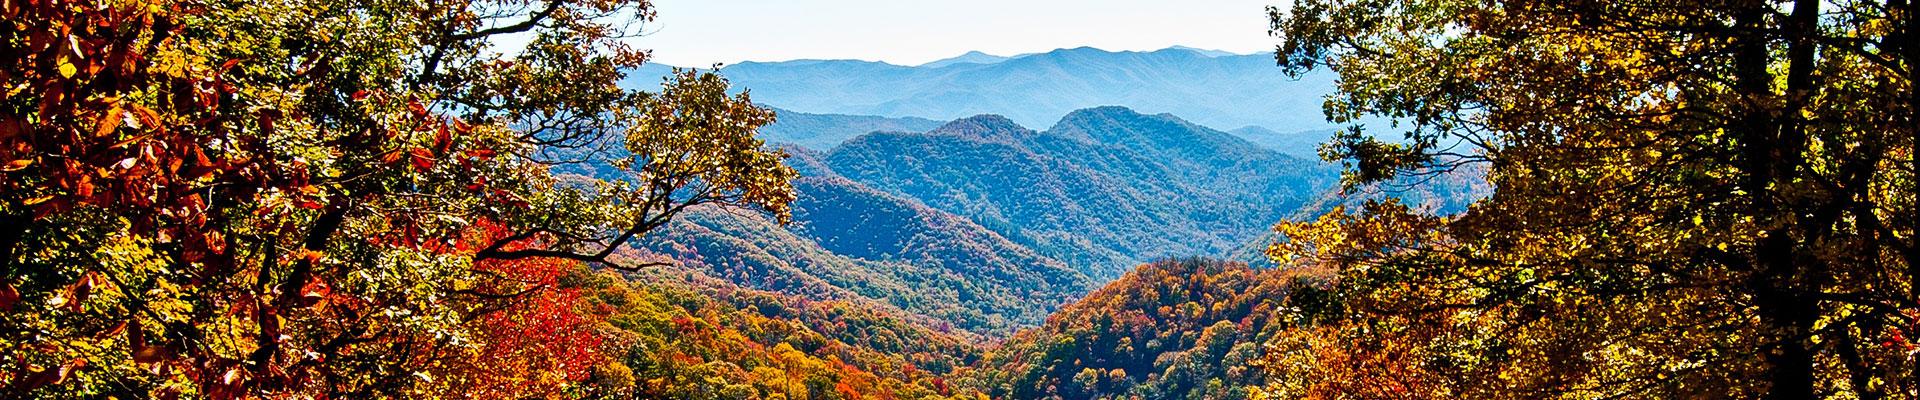 Fantasy RV Tours: 9 Day Smoky Mountain Rally (09USMW-100420)